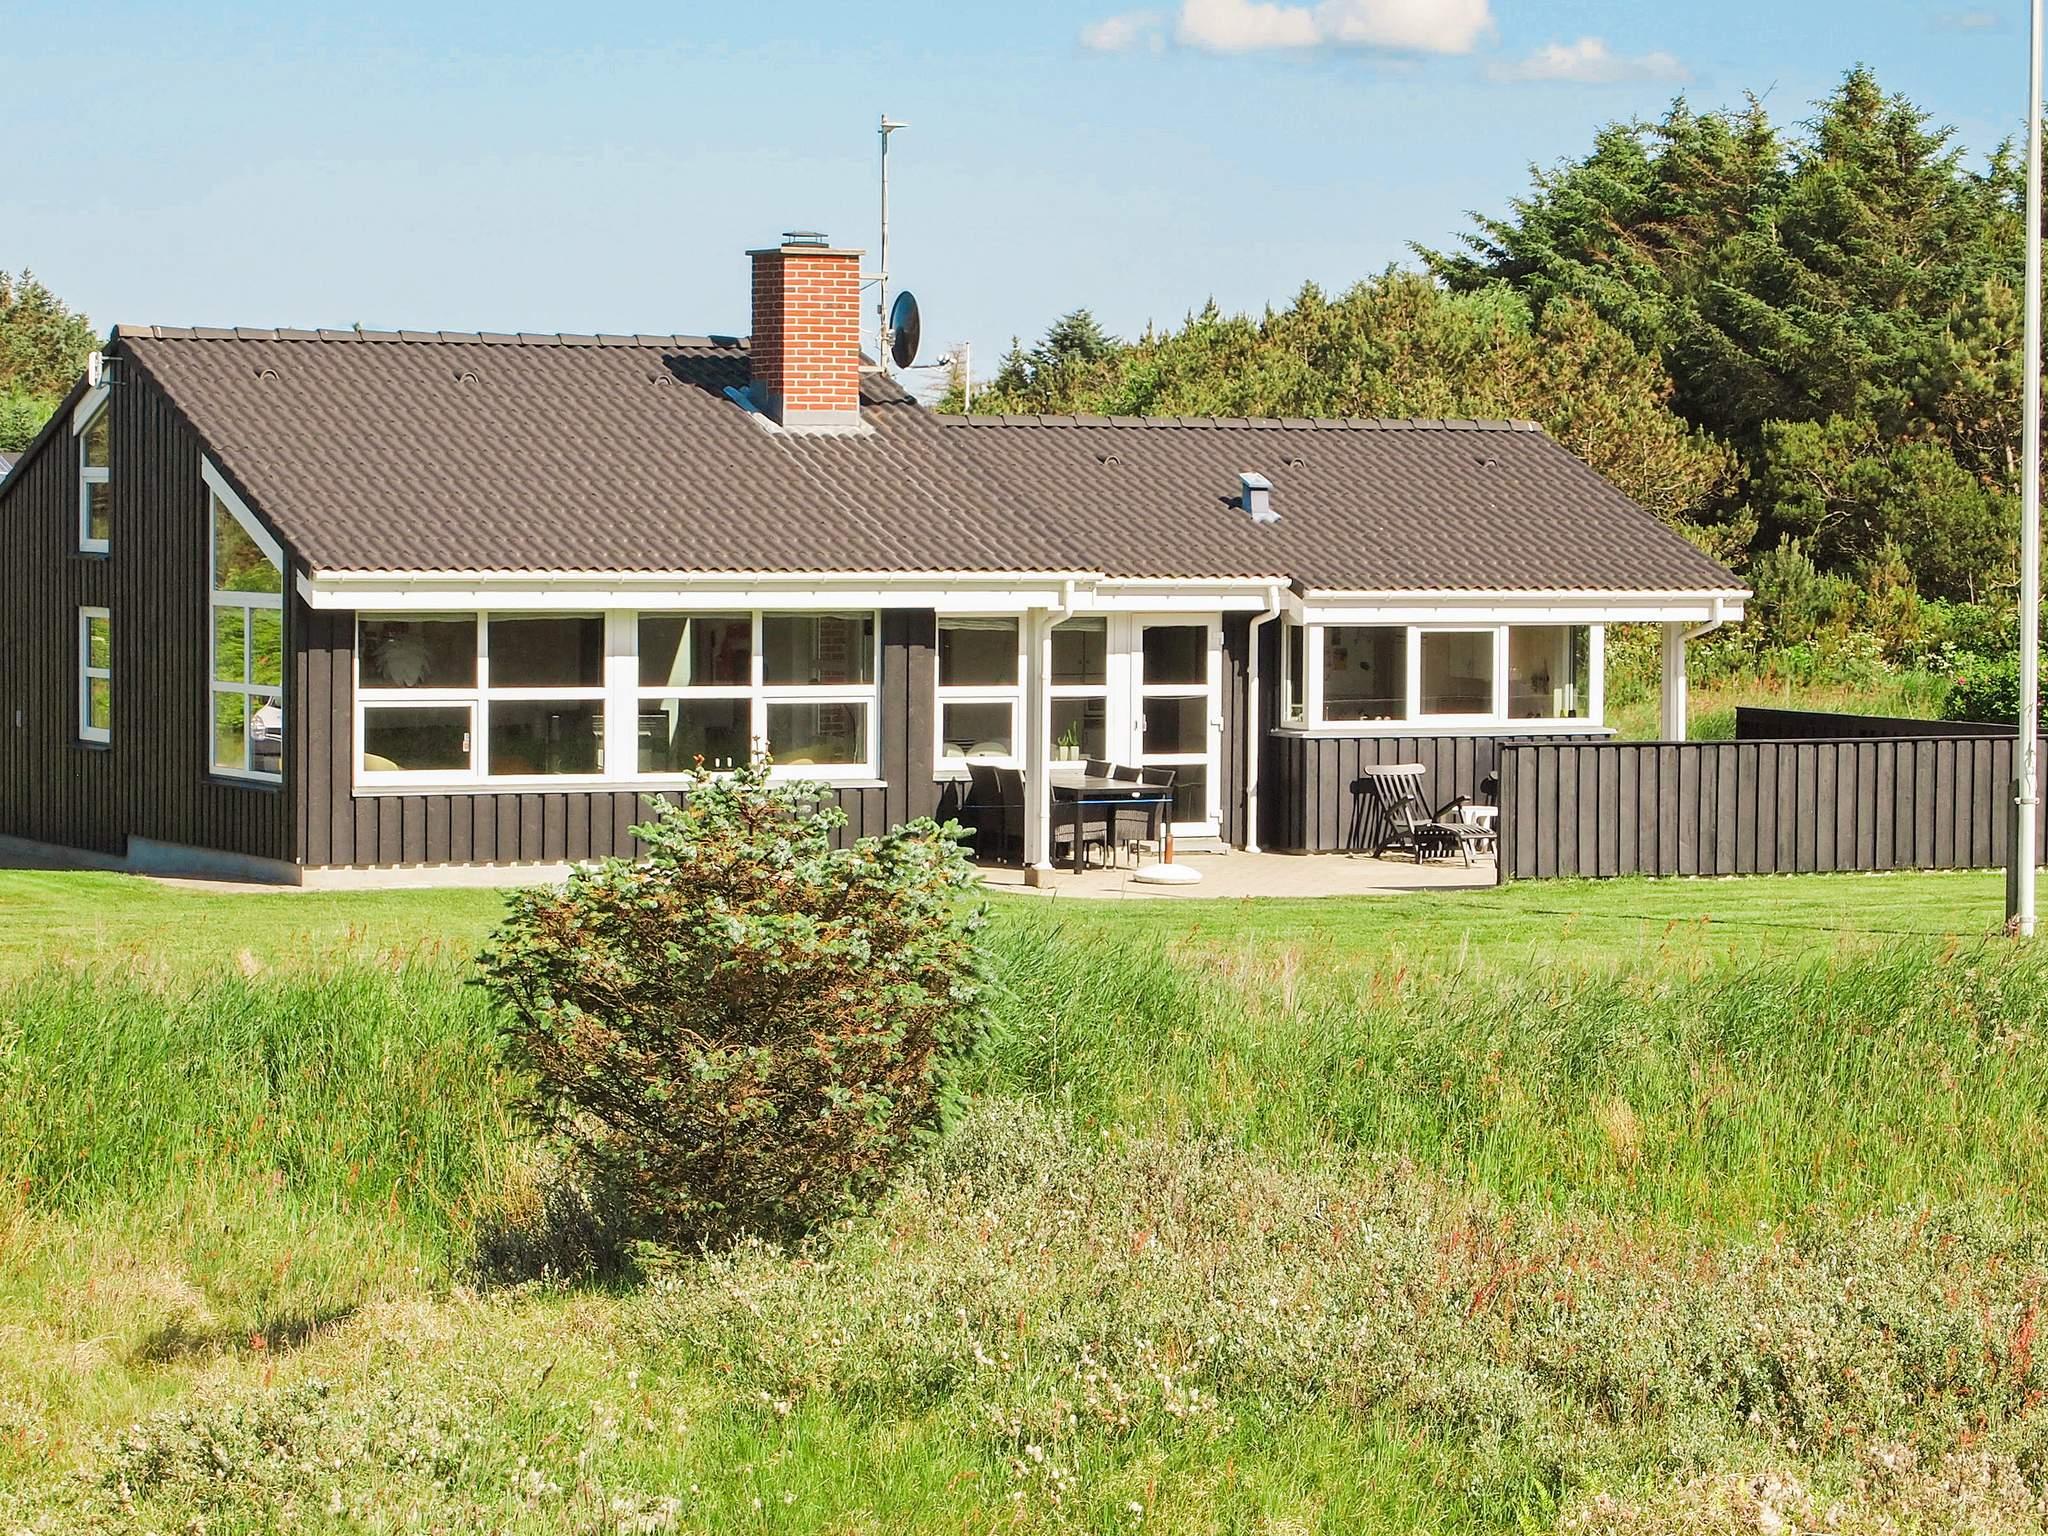 Ferienhaus Løkken (1960004), Løkken, , Nordwestjütland, Dänemark, Bild 1